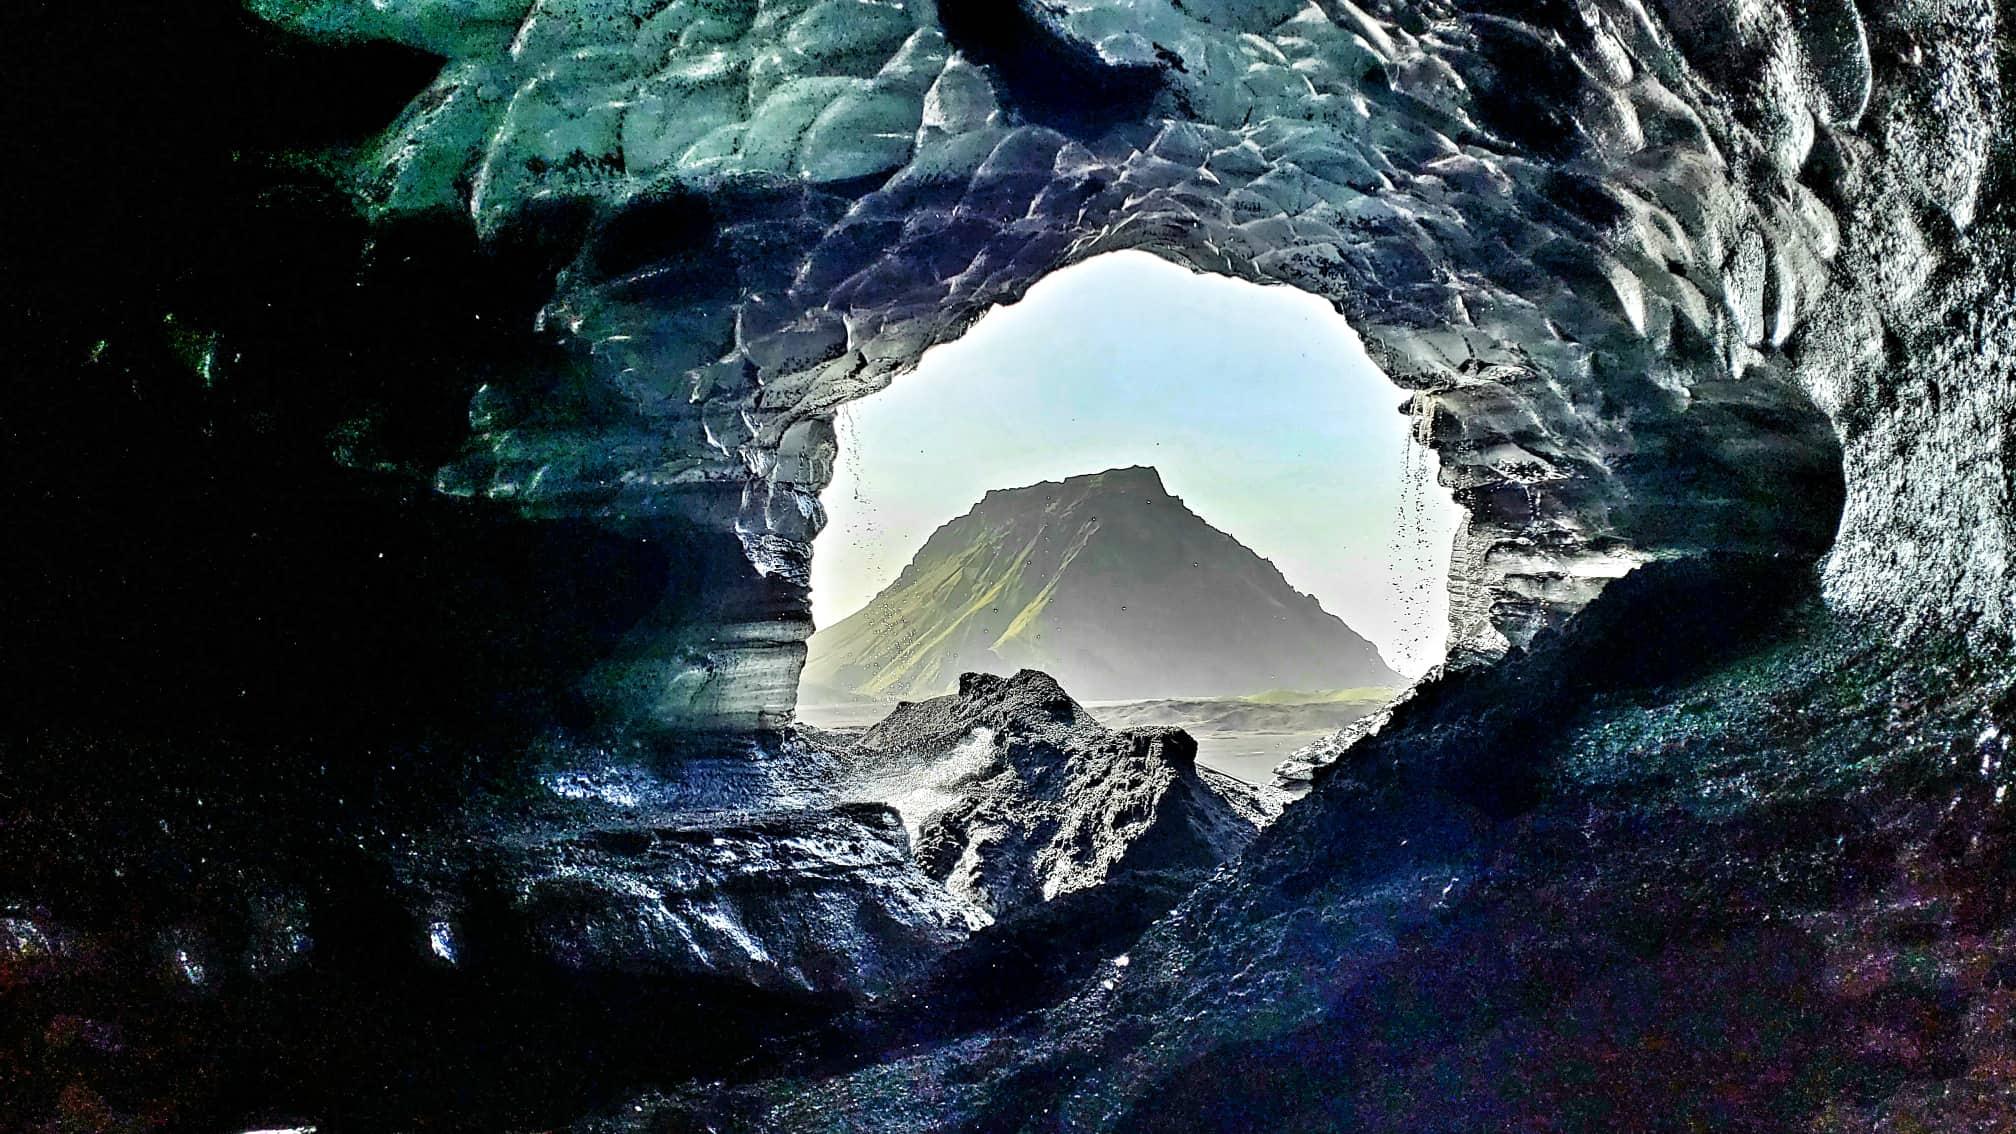 Die Katla Eishöhle ist eine von vielen Eishöhlen, die sich in Island auf natürliche Weise in Gletschern bilden.